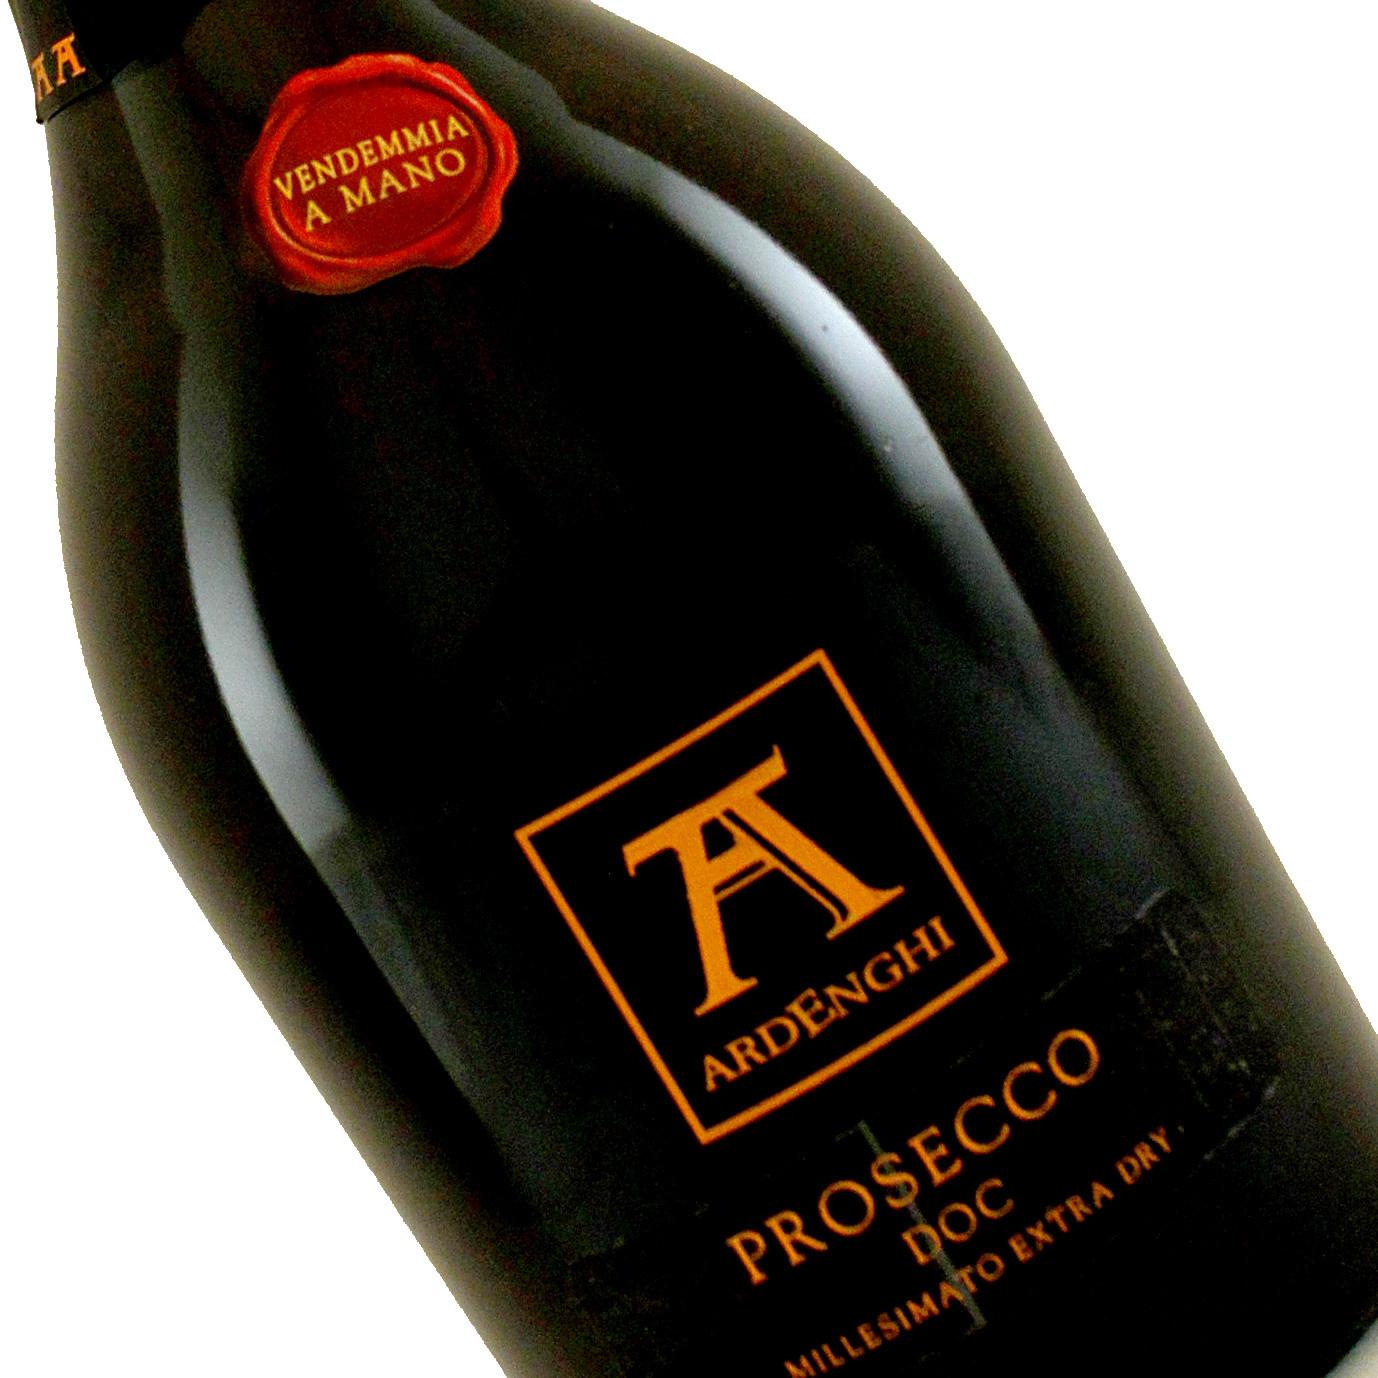 Ardenghi N.V. Prosecco Treviso